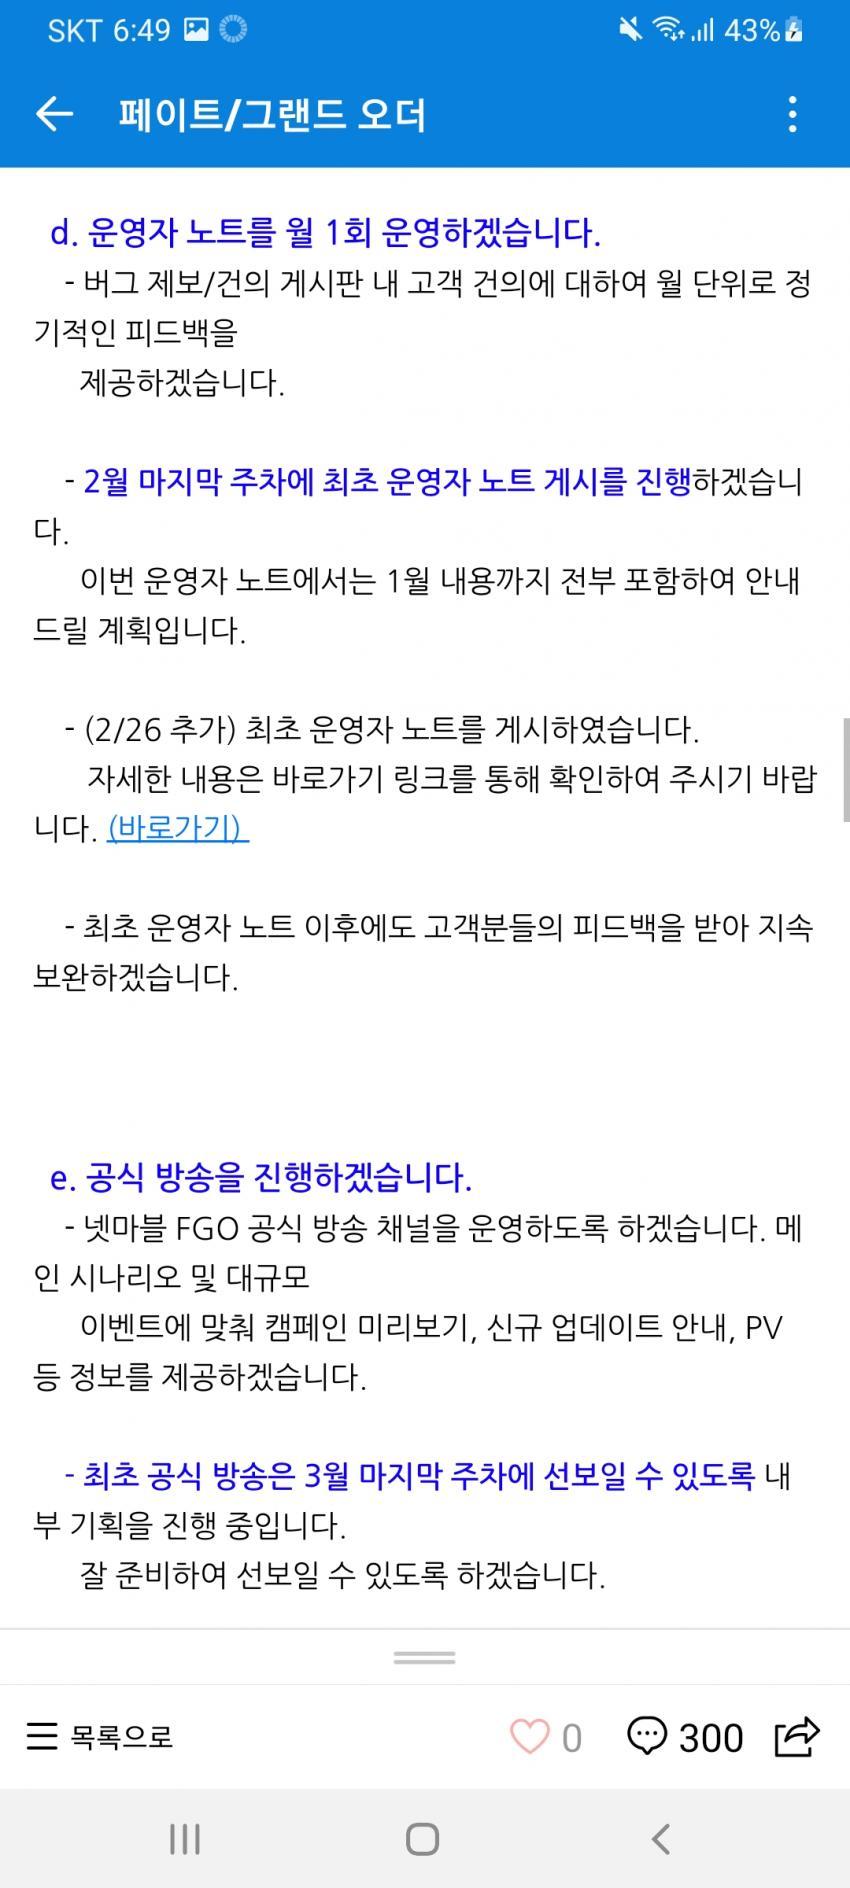 viewimage.php?id=2cb2d521e4df3d&no=24b0d769e1d32ca73fec81fa11d02831b46f6c3837711f4400726c62dd60225889ff61225e541b534a7b0b5f4fdf3fc8c59690ef079aa68279b54b70257582a6ea92